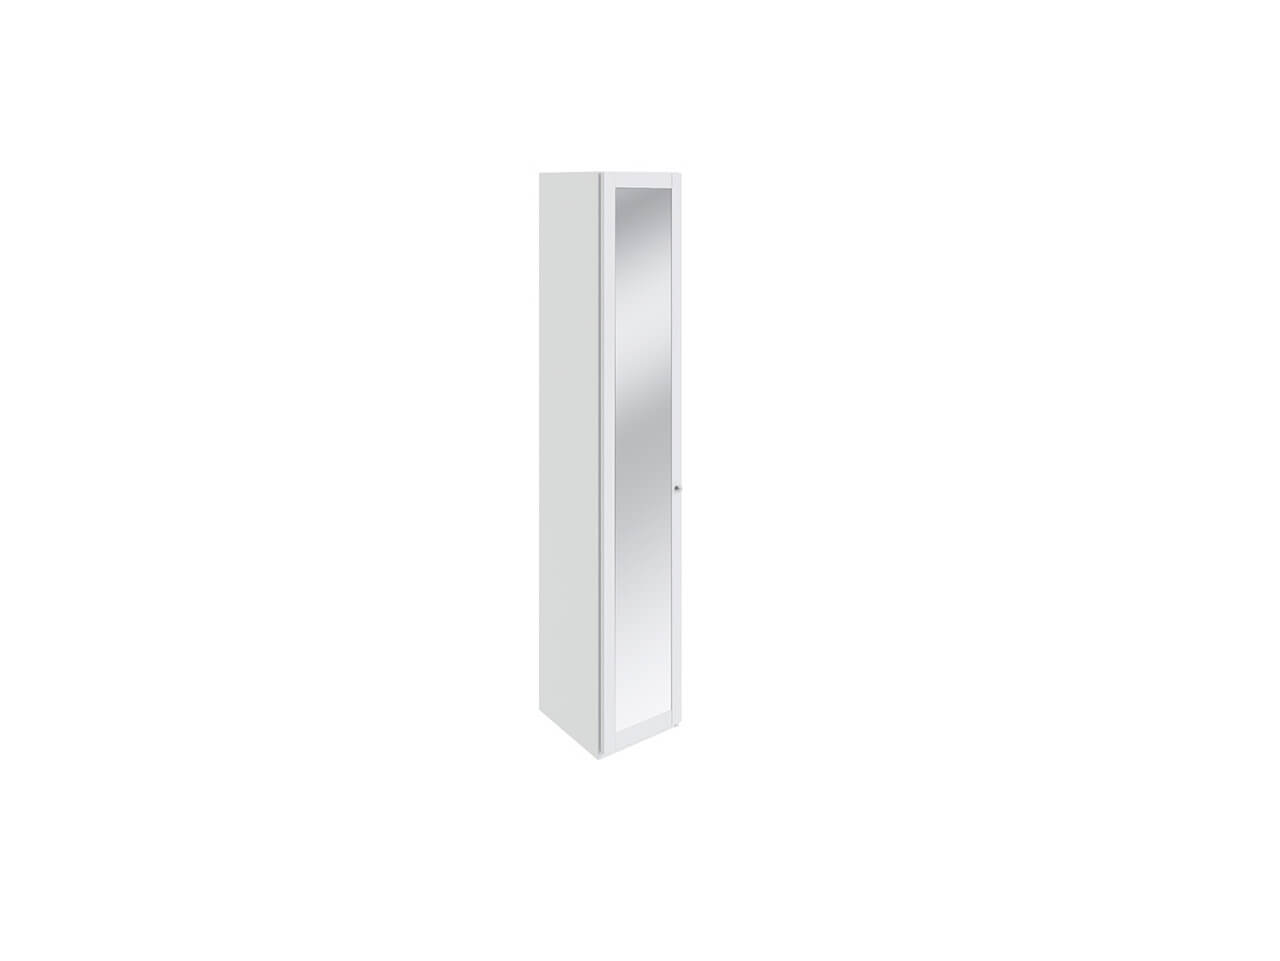 Шкаф торцевой с 1-ой дверью с зеркалом Ривьера СМ 241-07-004 435х580х2111